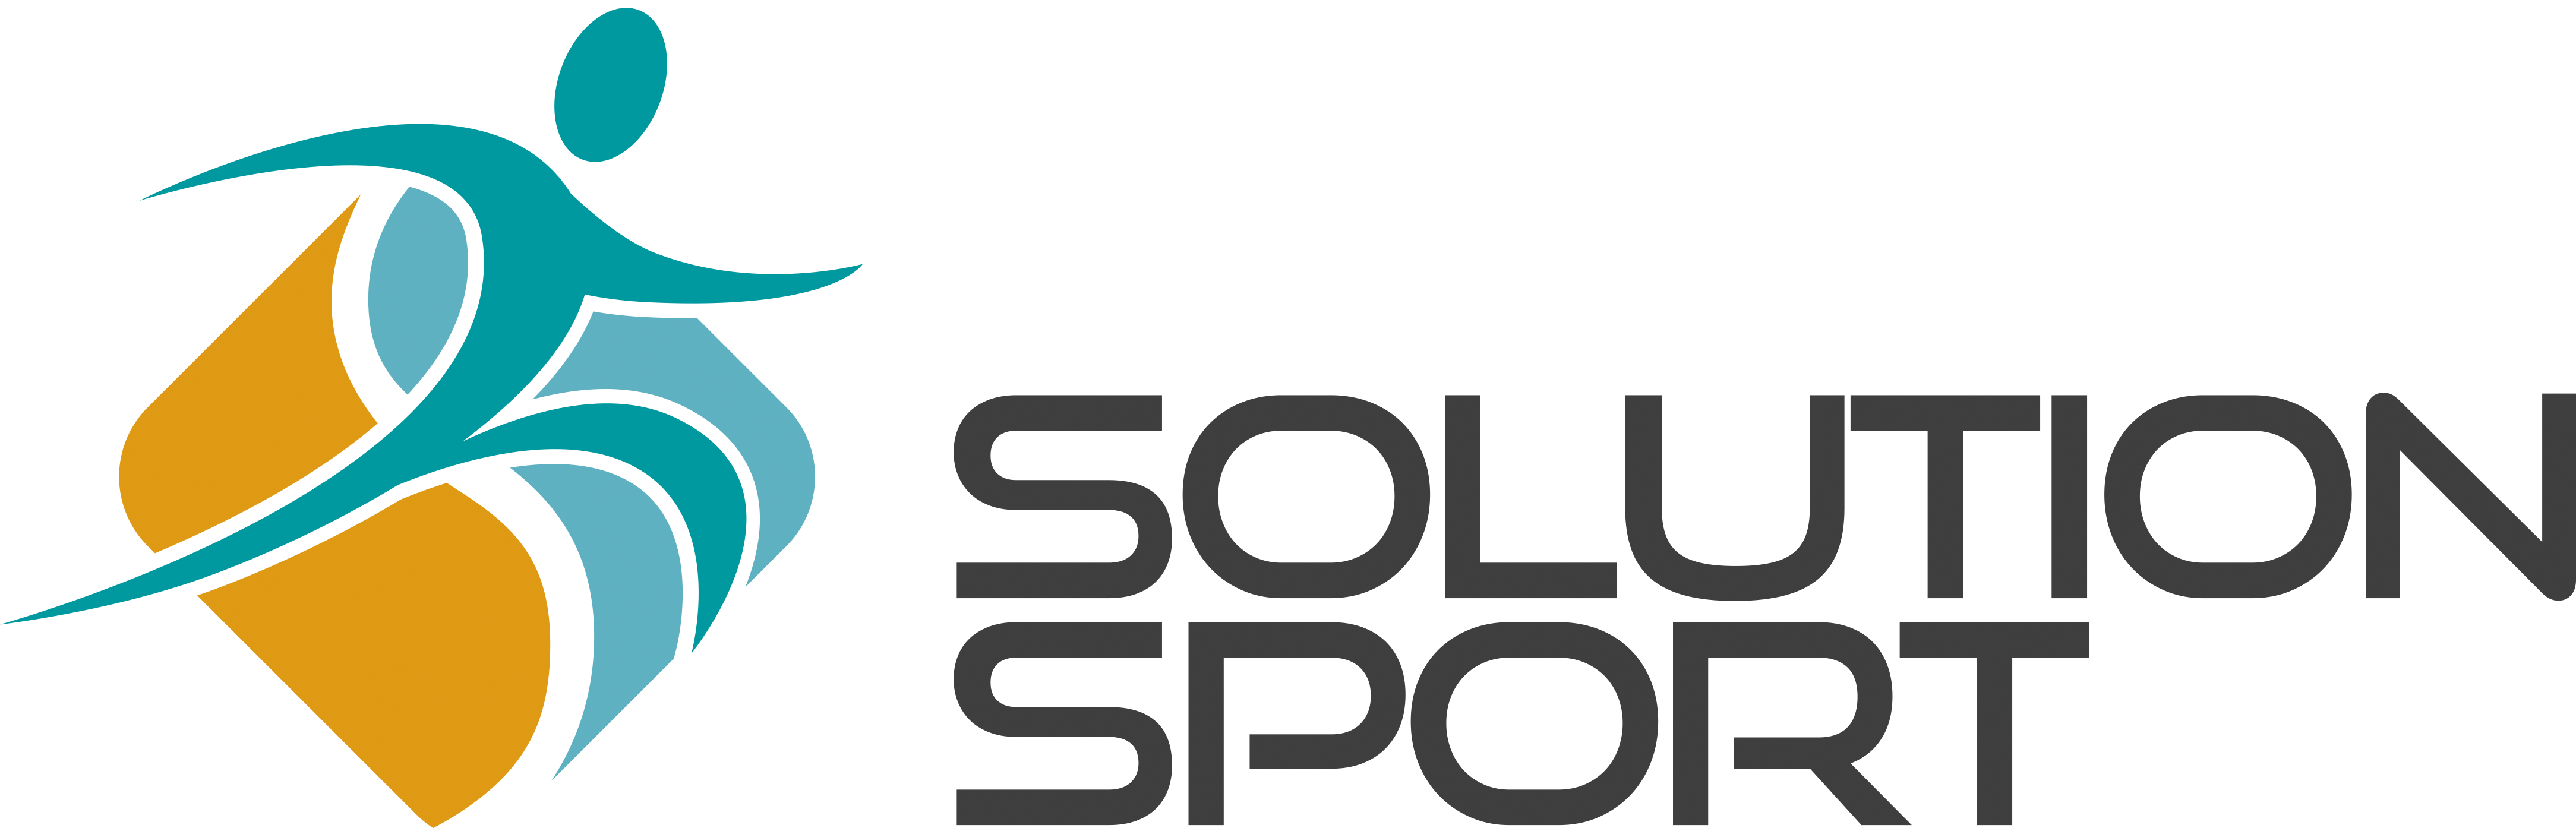 logo SOLUTION SPORT 2019